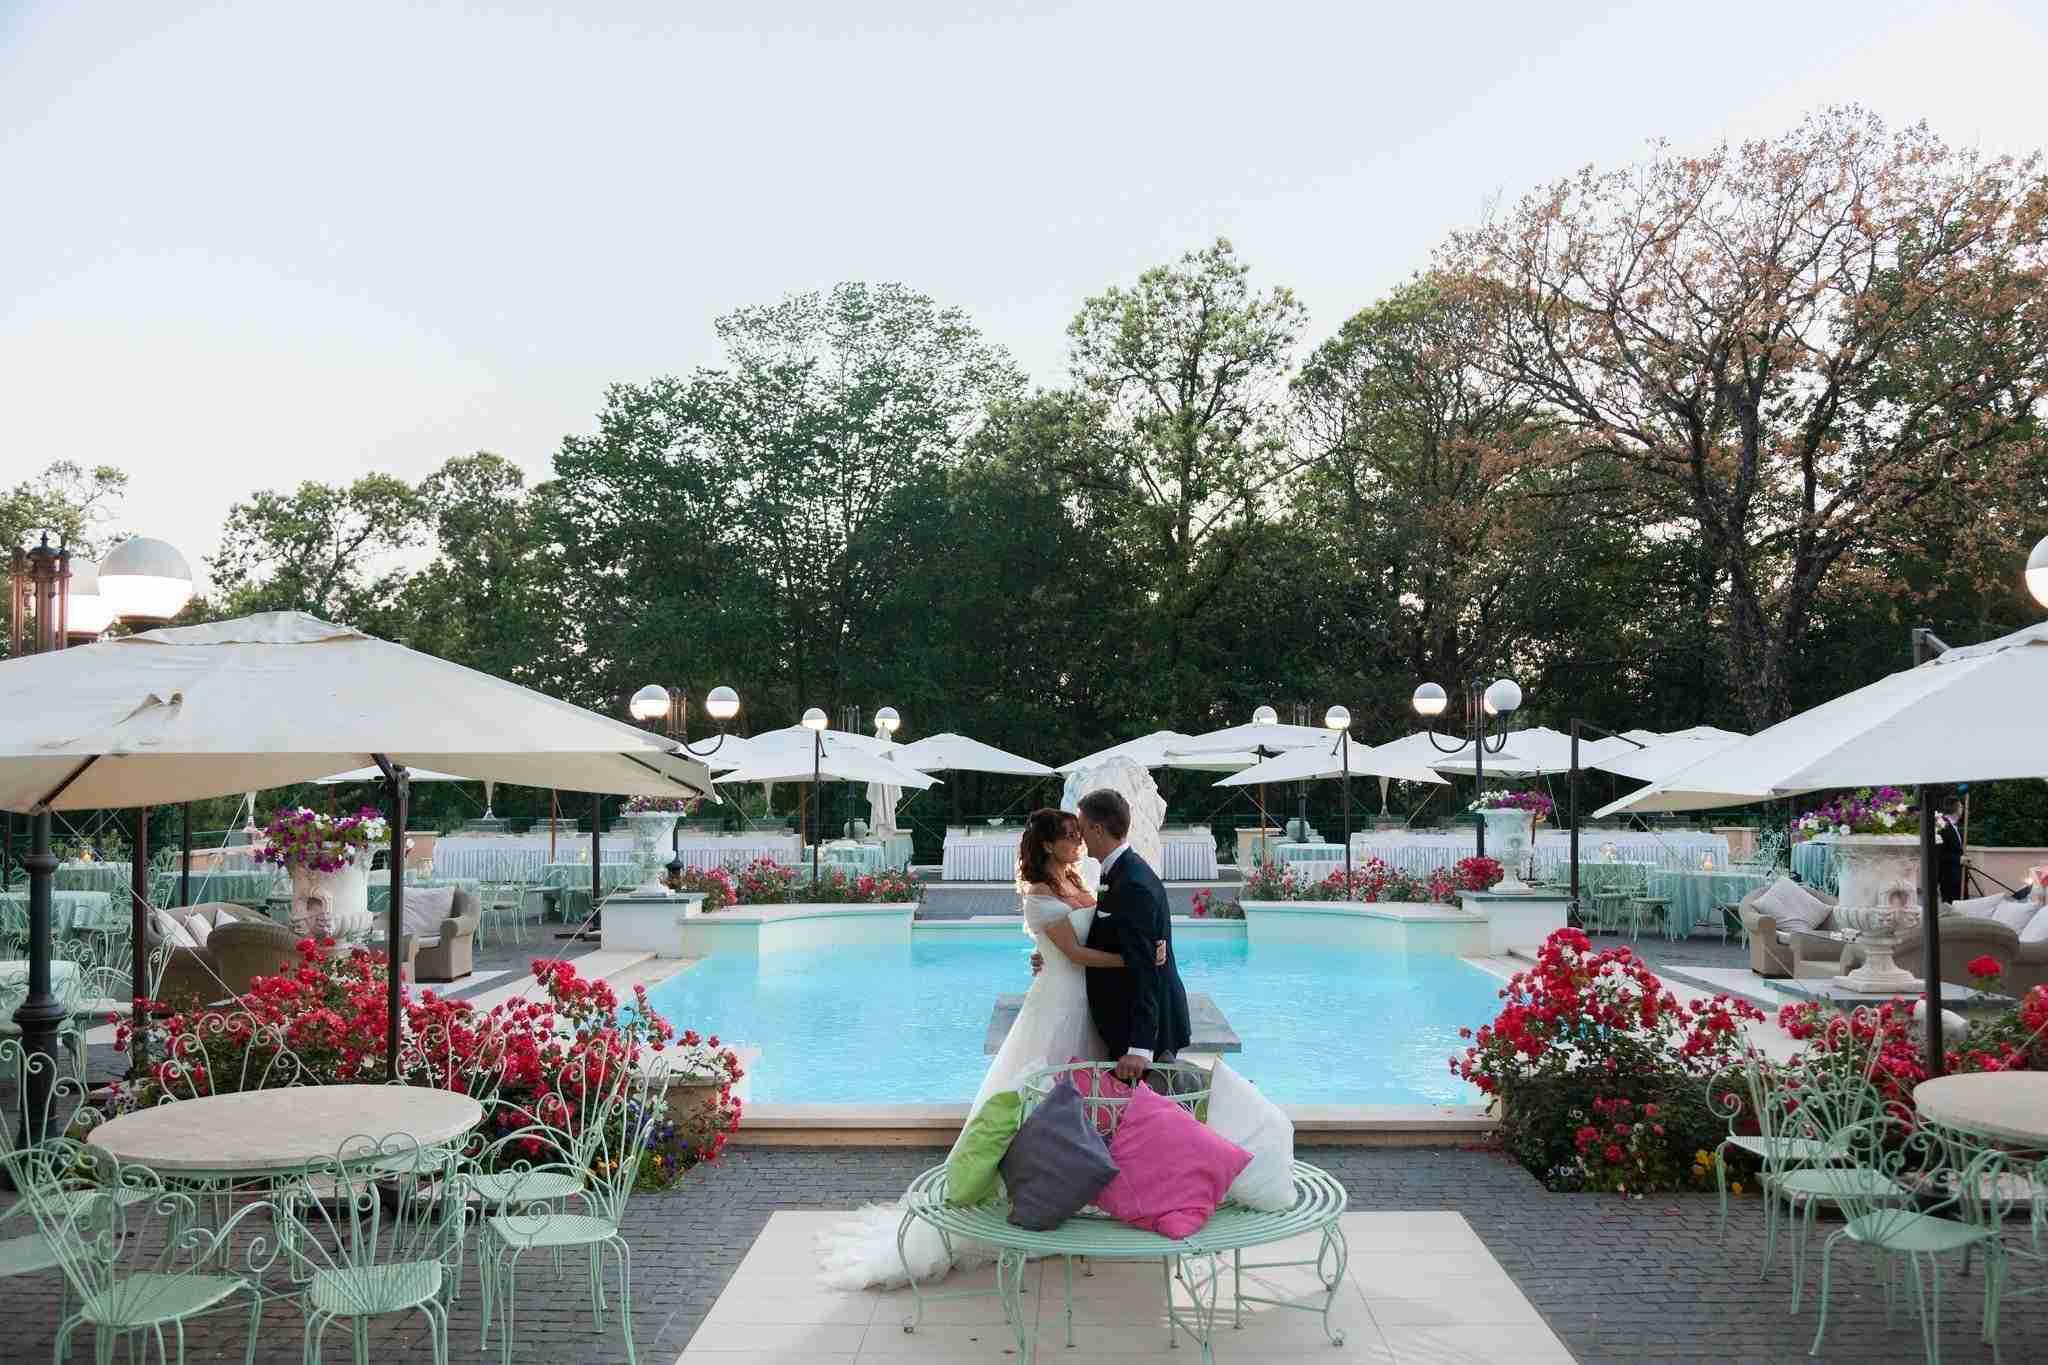 Matrimonio al ristorante la Foresta: piscina